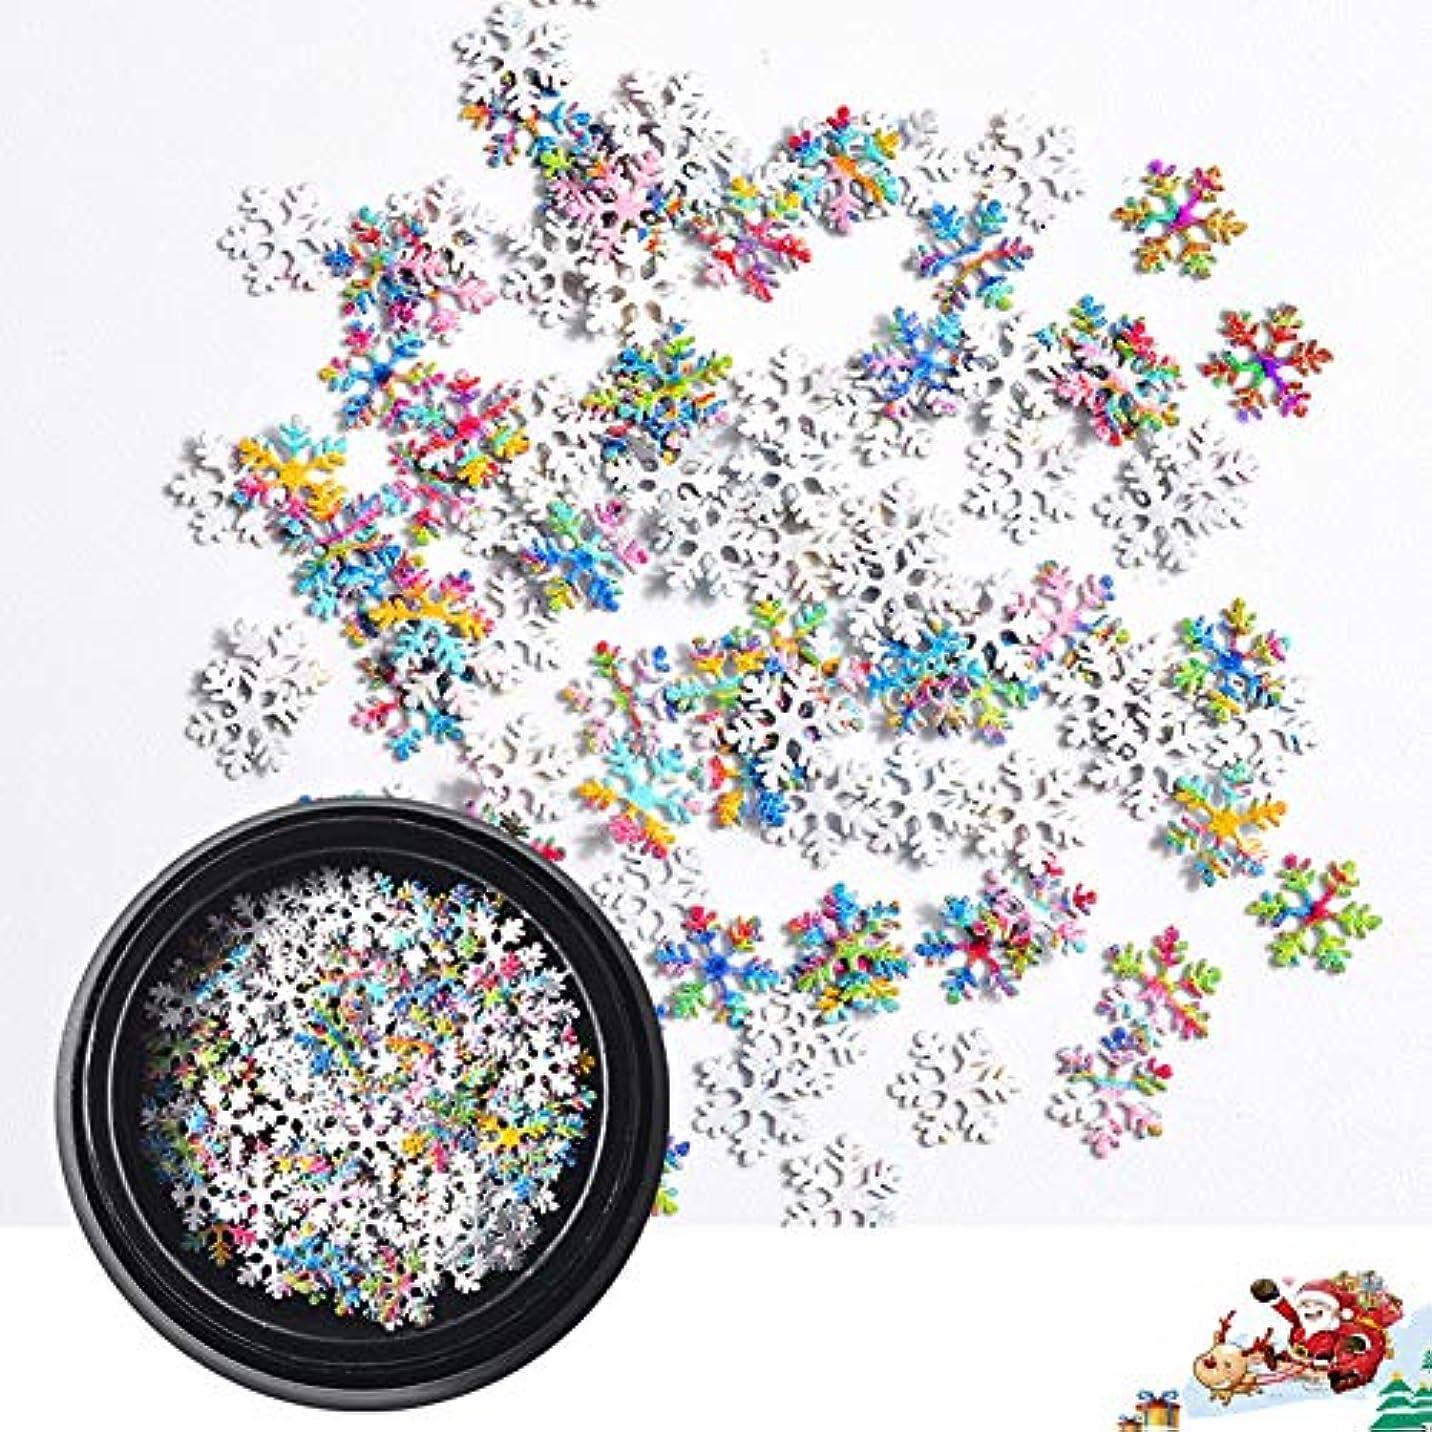 提唱するマディソン狂気Murakush ネイルシール 15g ネイルアート アクセサリー カラフル スノーフレーク 極薄 スパンコール クリスマスス ノーフレークシリーズ DIY デカール